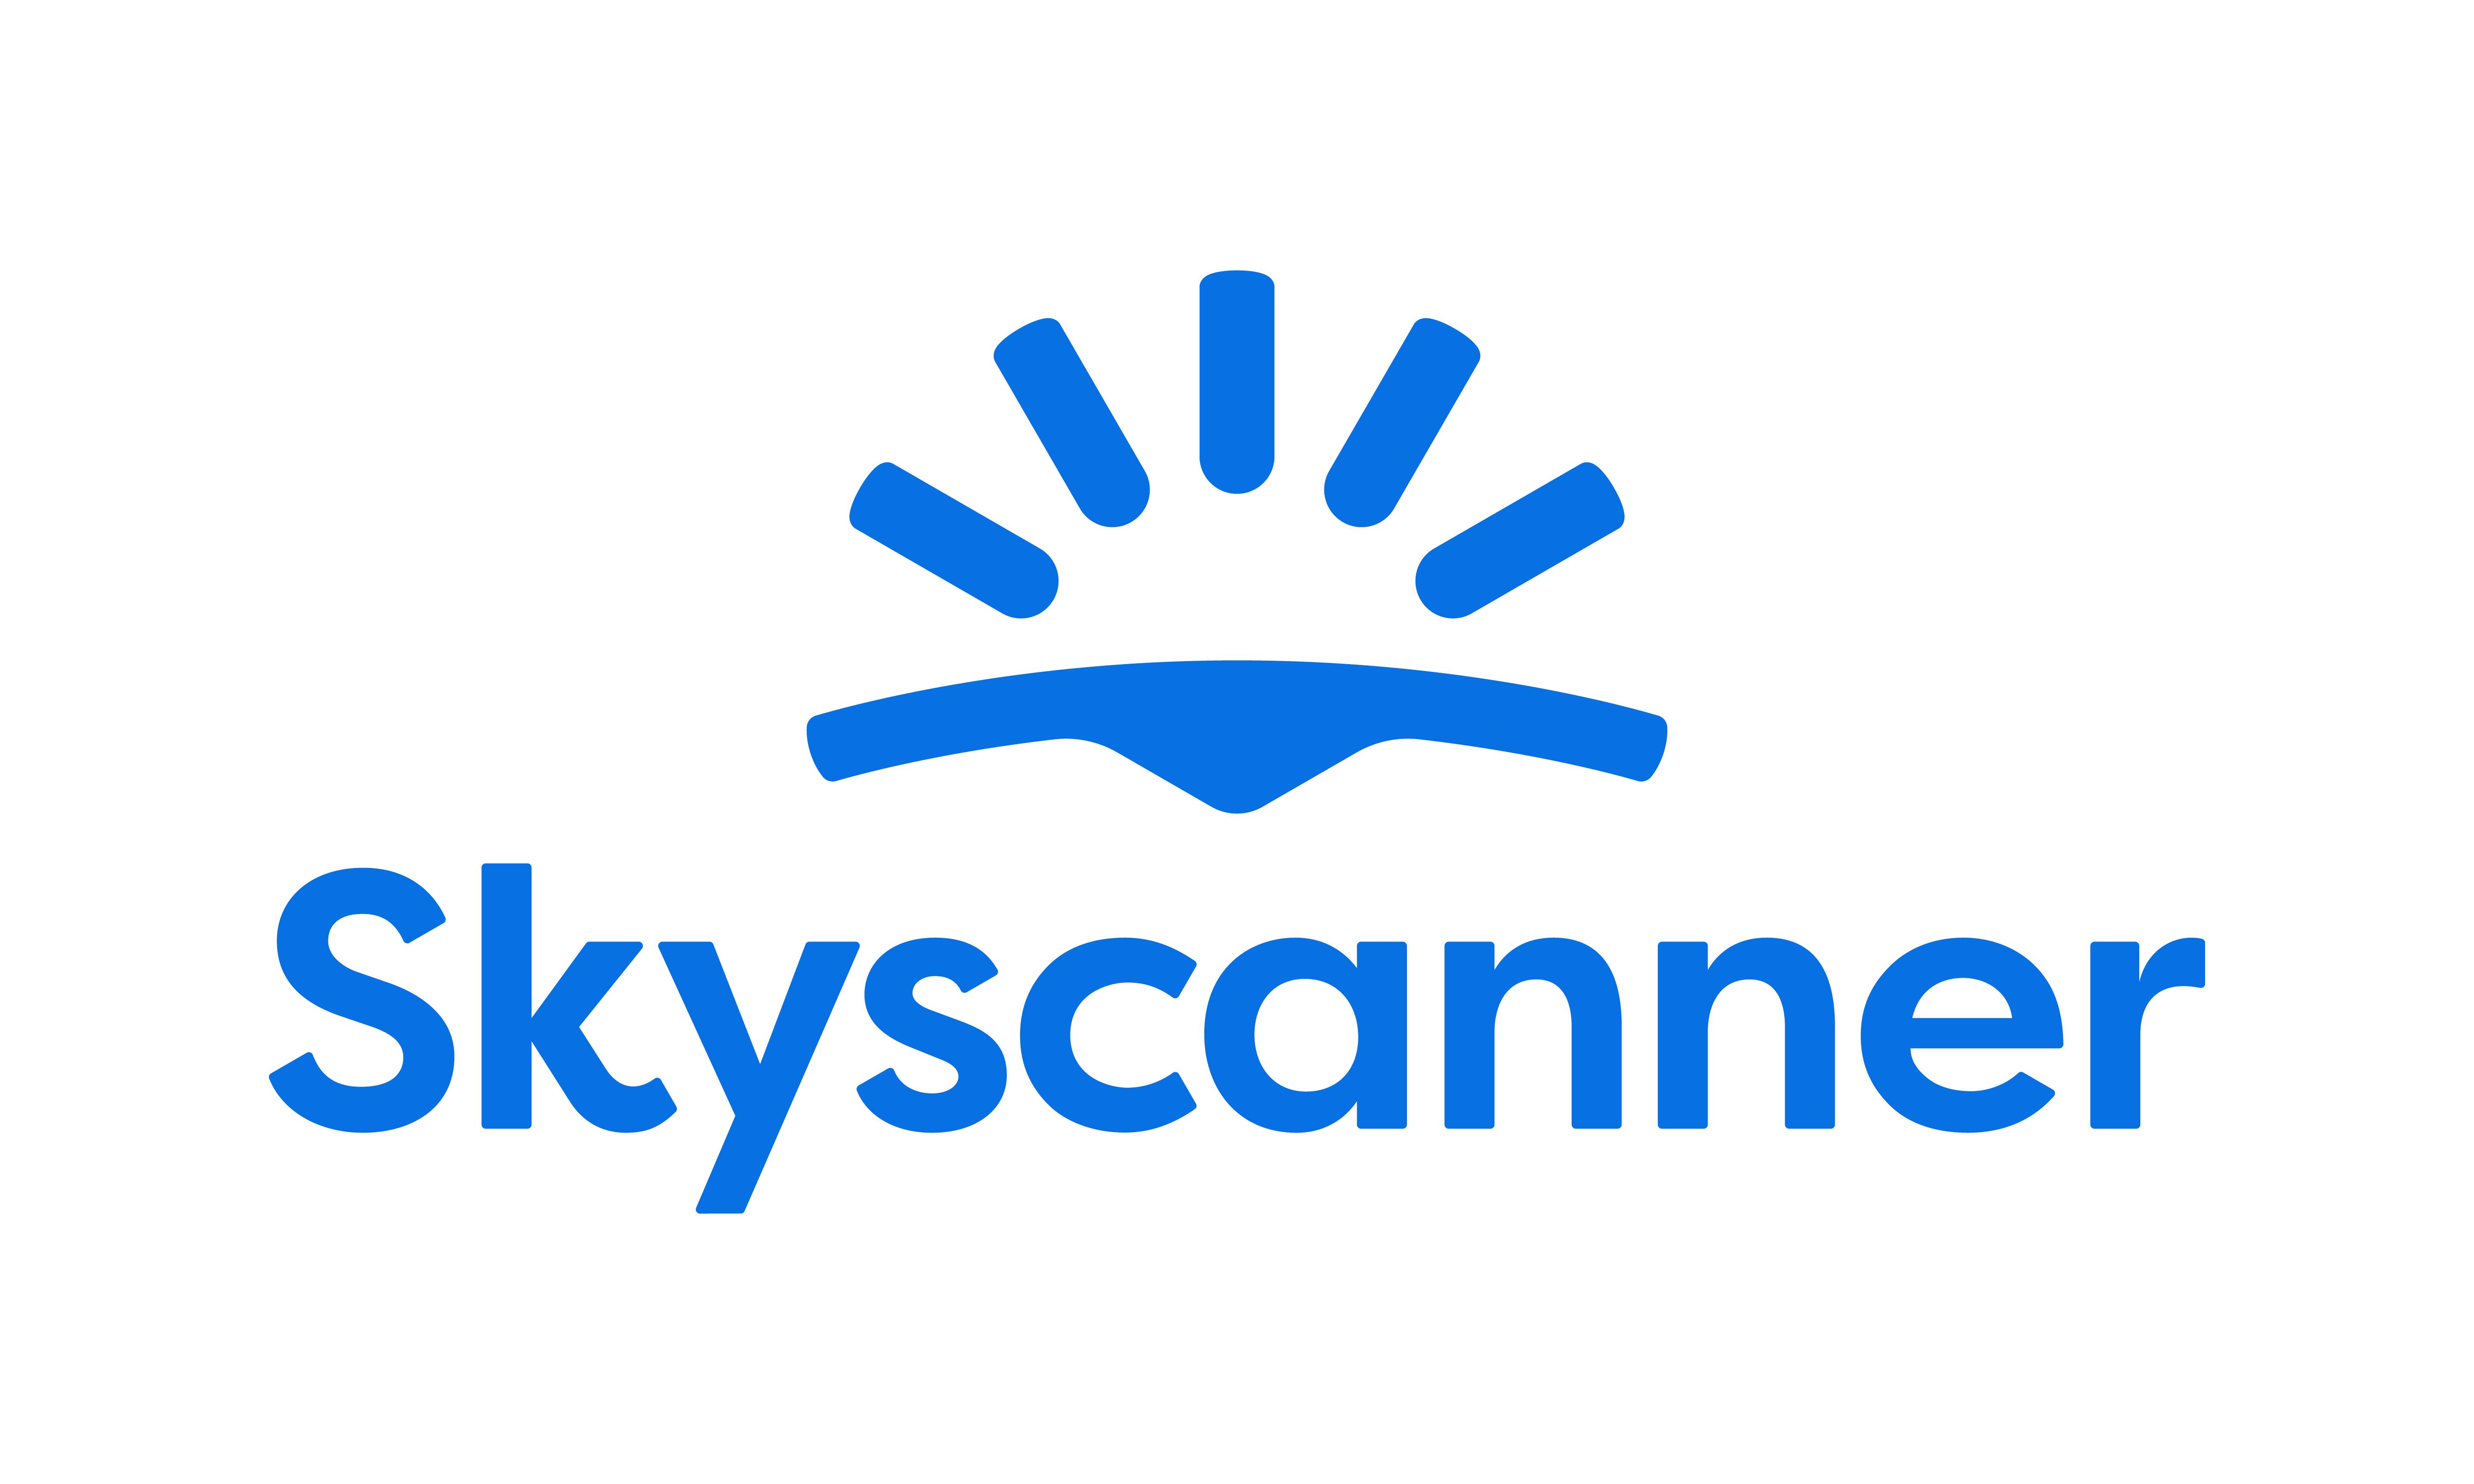 スカイスキャナー、全世界でブランド刷新、「持続可能な旅」を新しい事業方針に